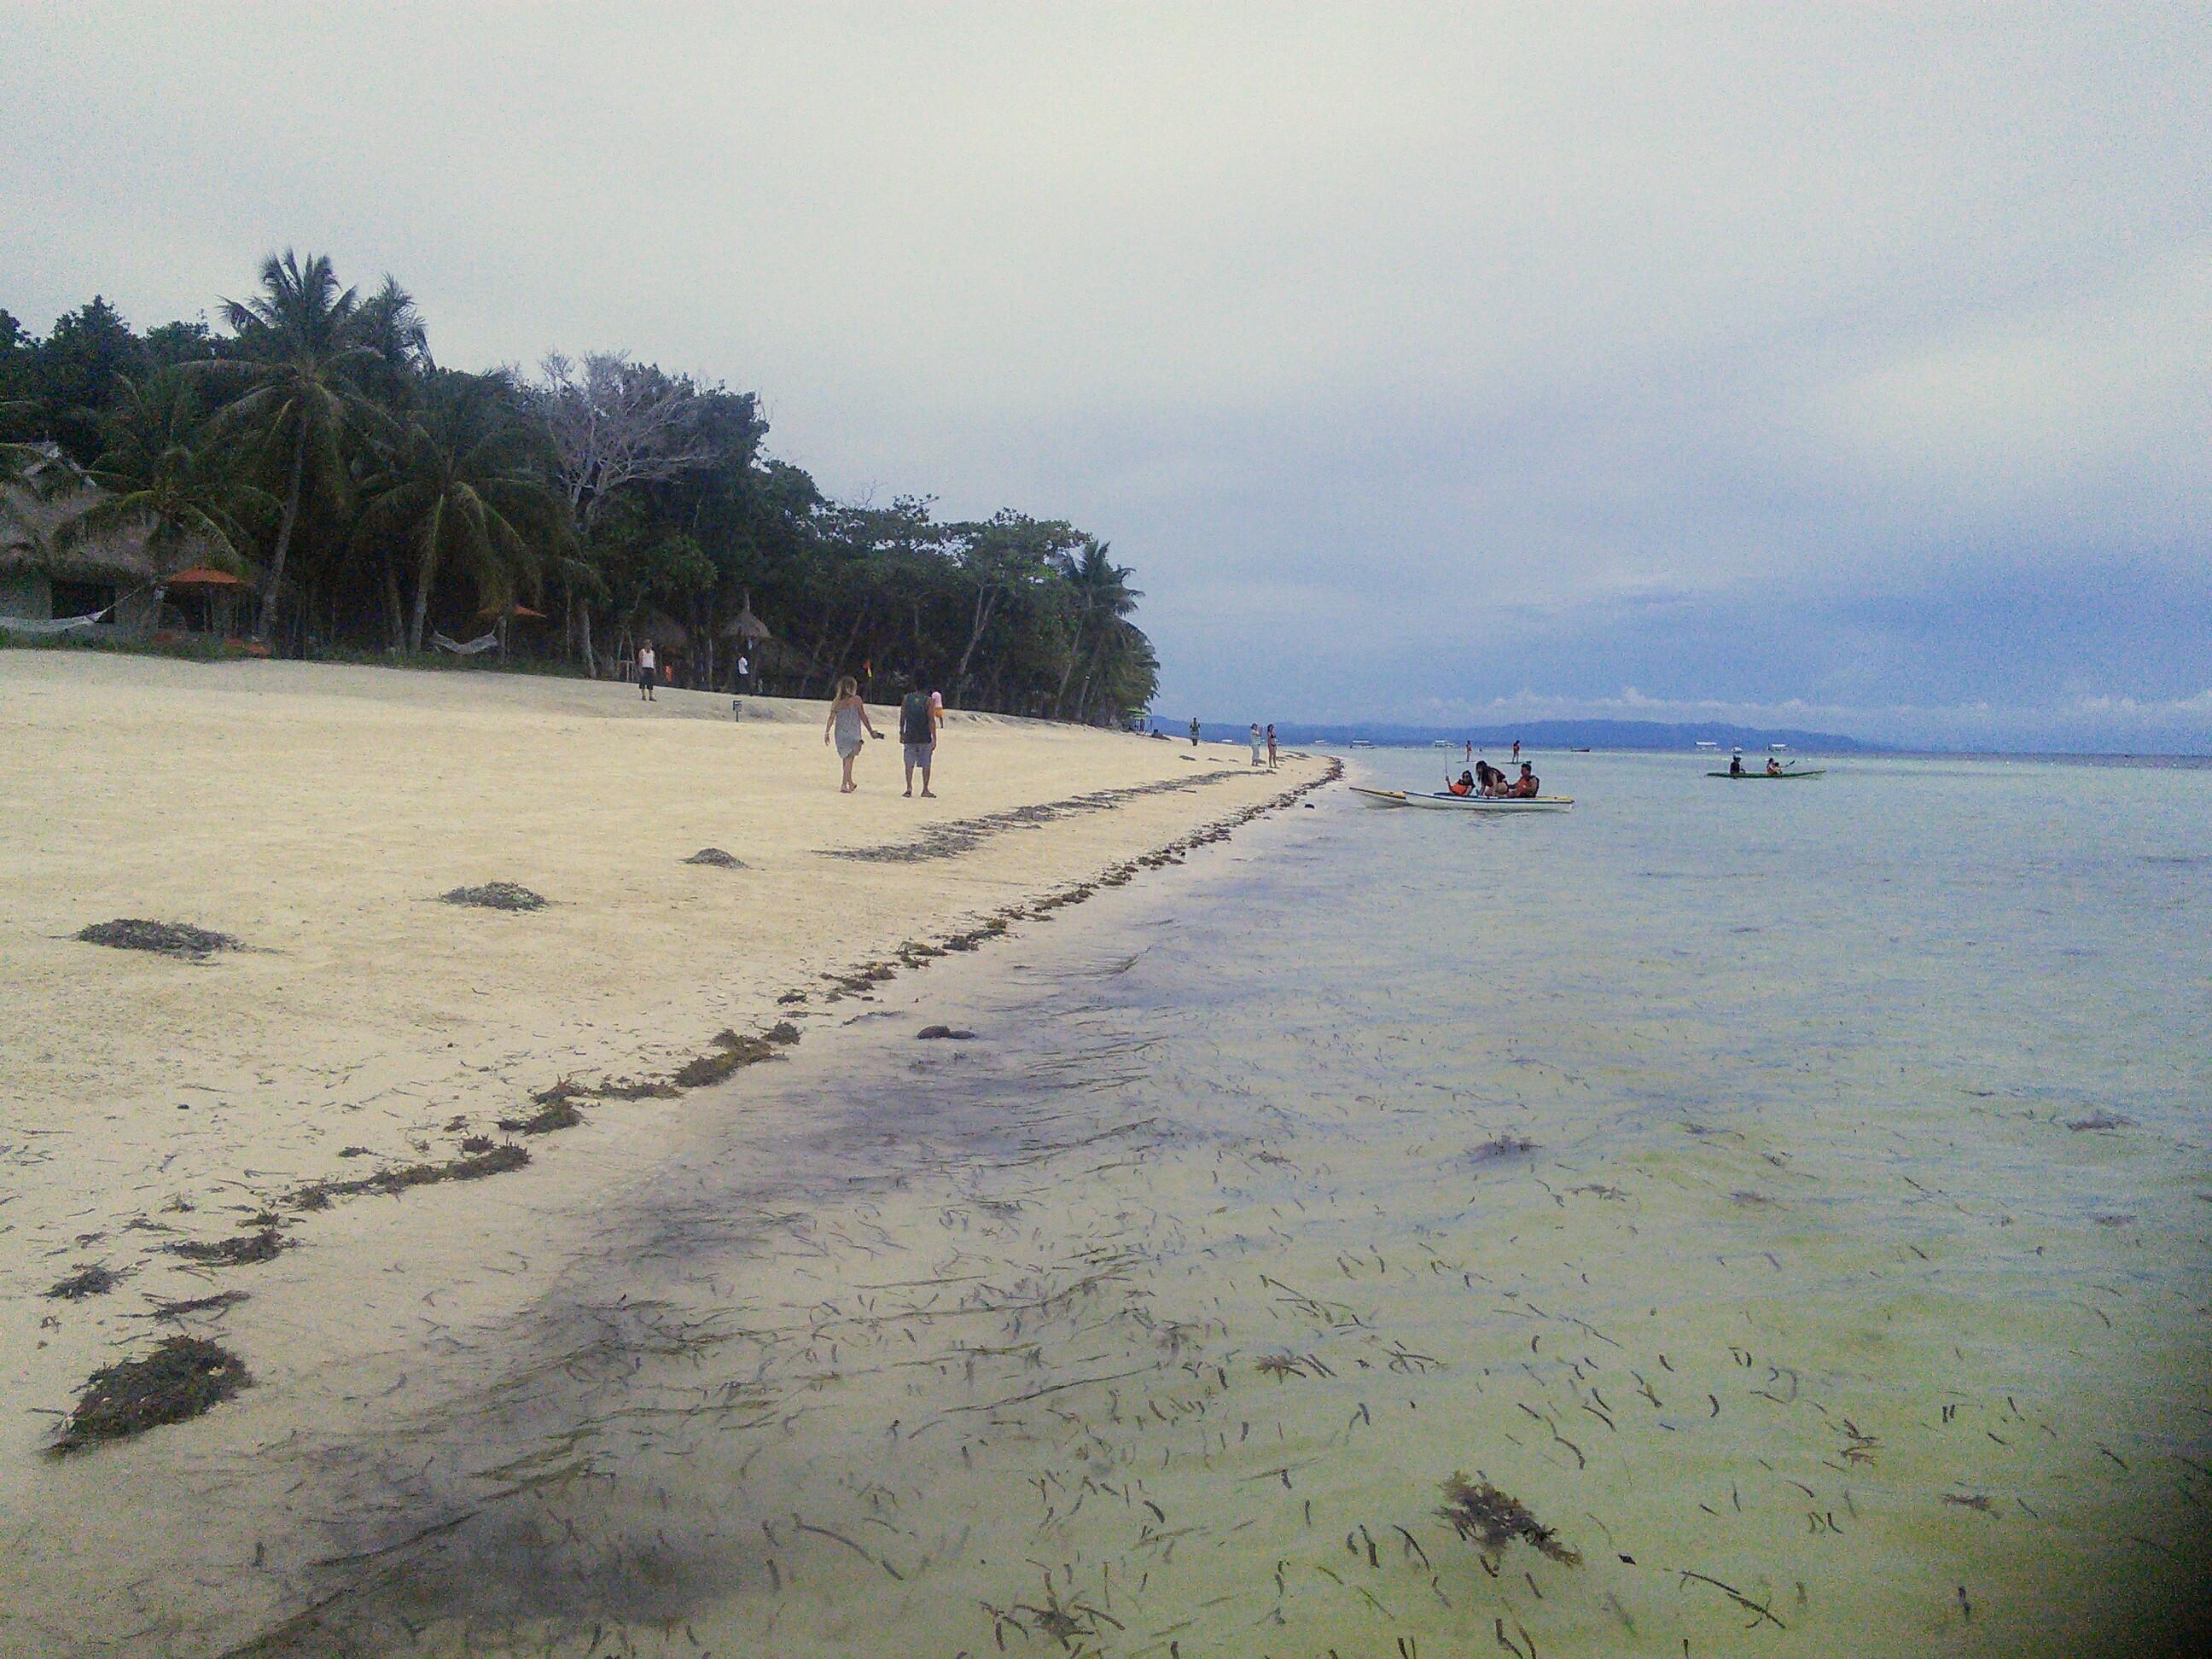 Dumaluan Beach Resort Map%0A Dumaluan beach by Bohol Beach Club